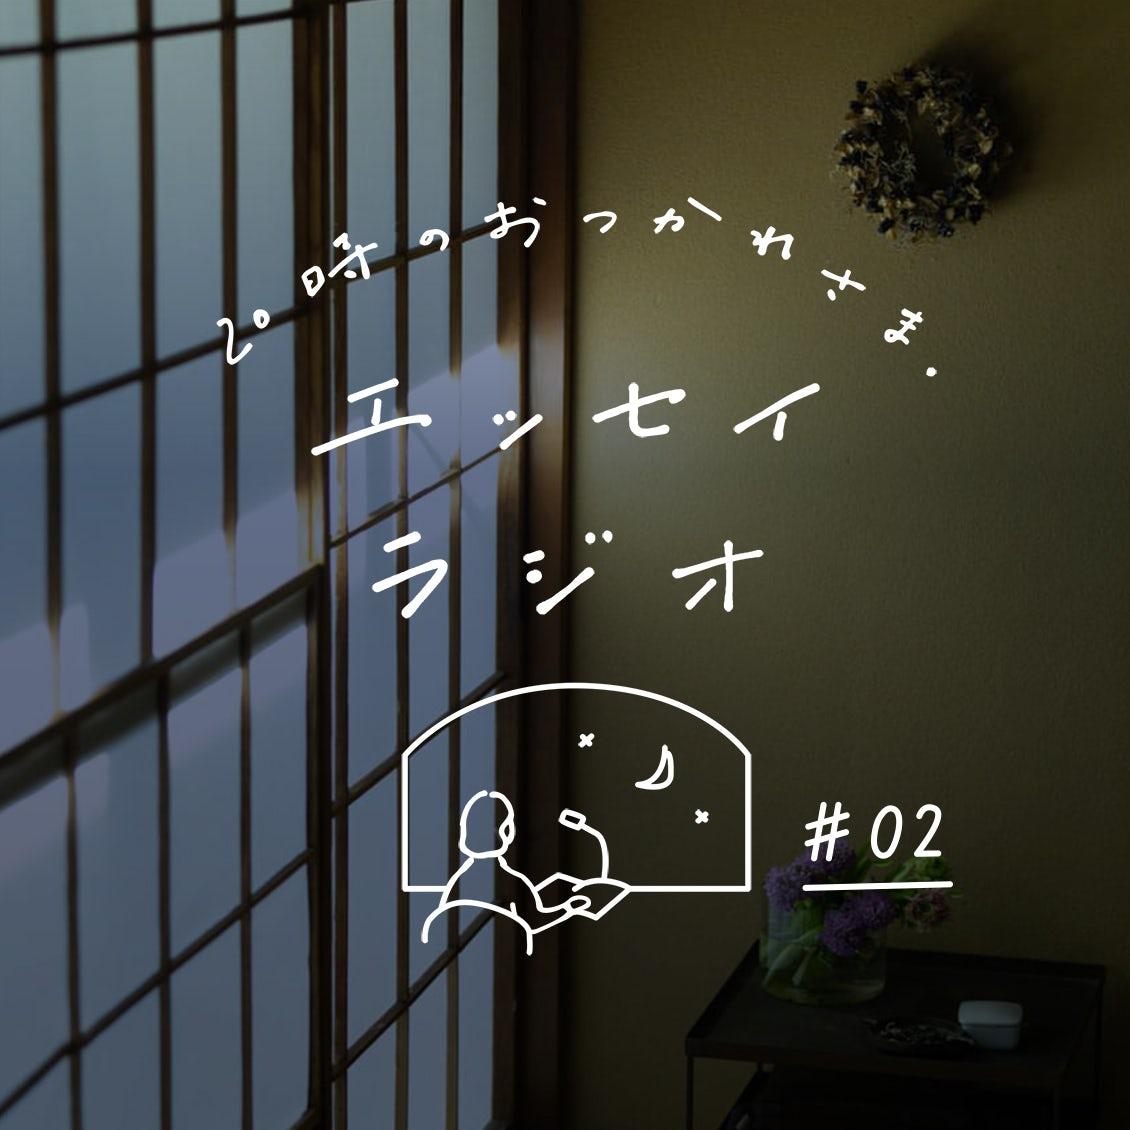 【エッセイラジオ】第2夜:一田憲子さんのエッセイ「答えが見えなくても、歩き出せる」(読み手:スタッフ青木)